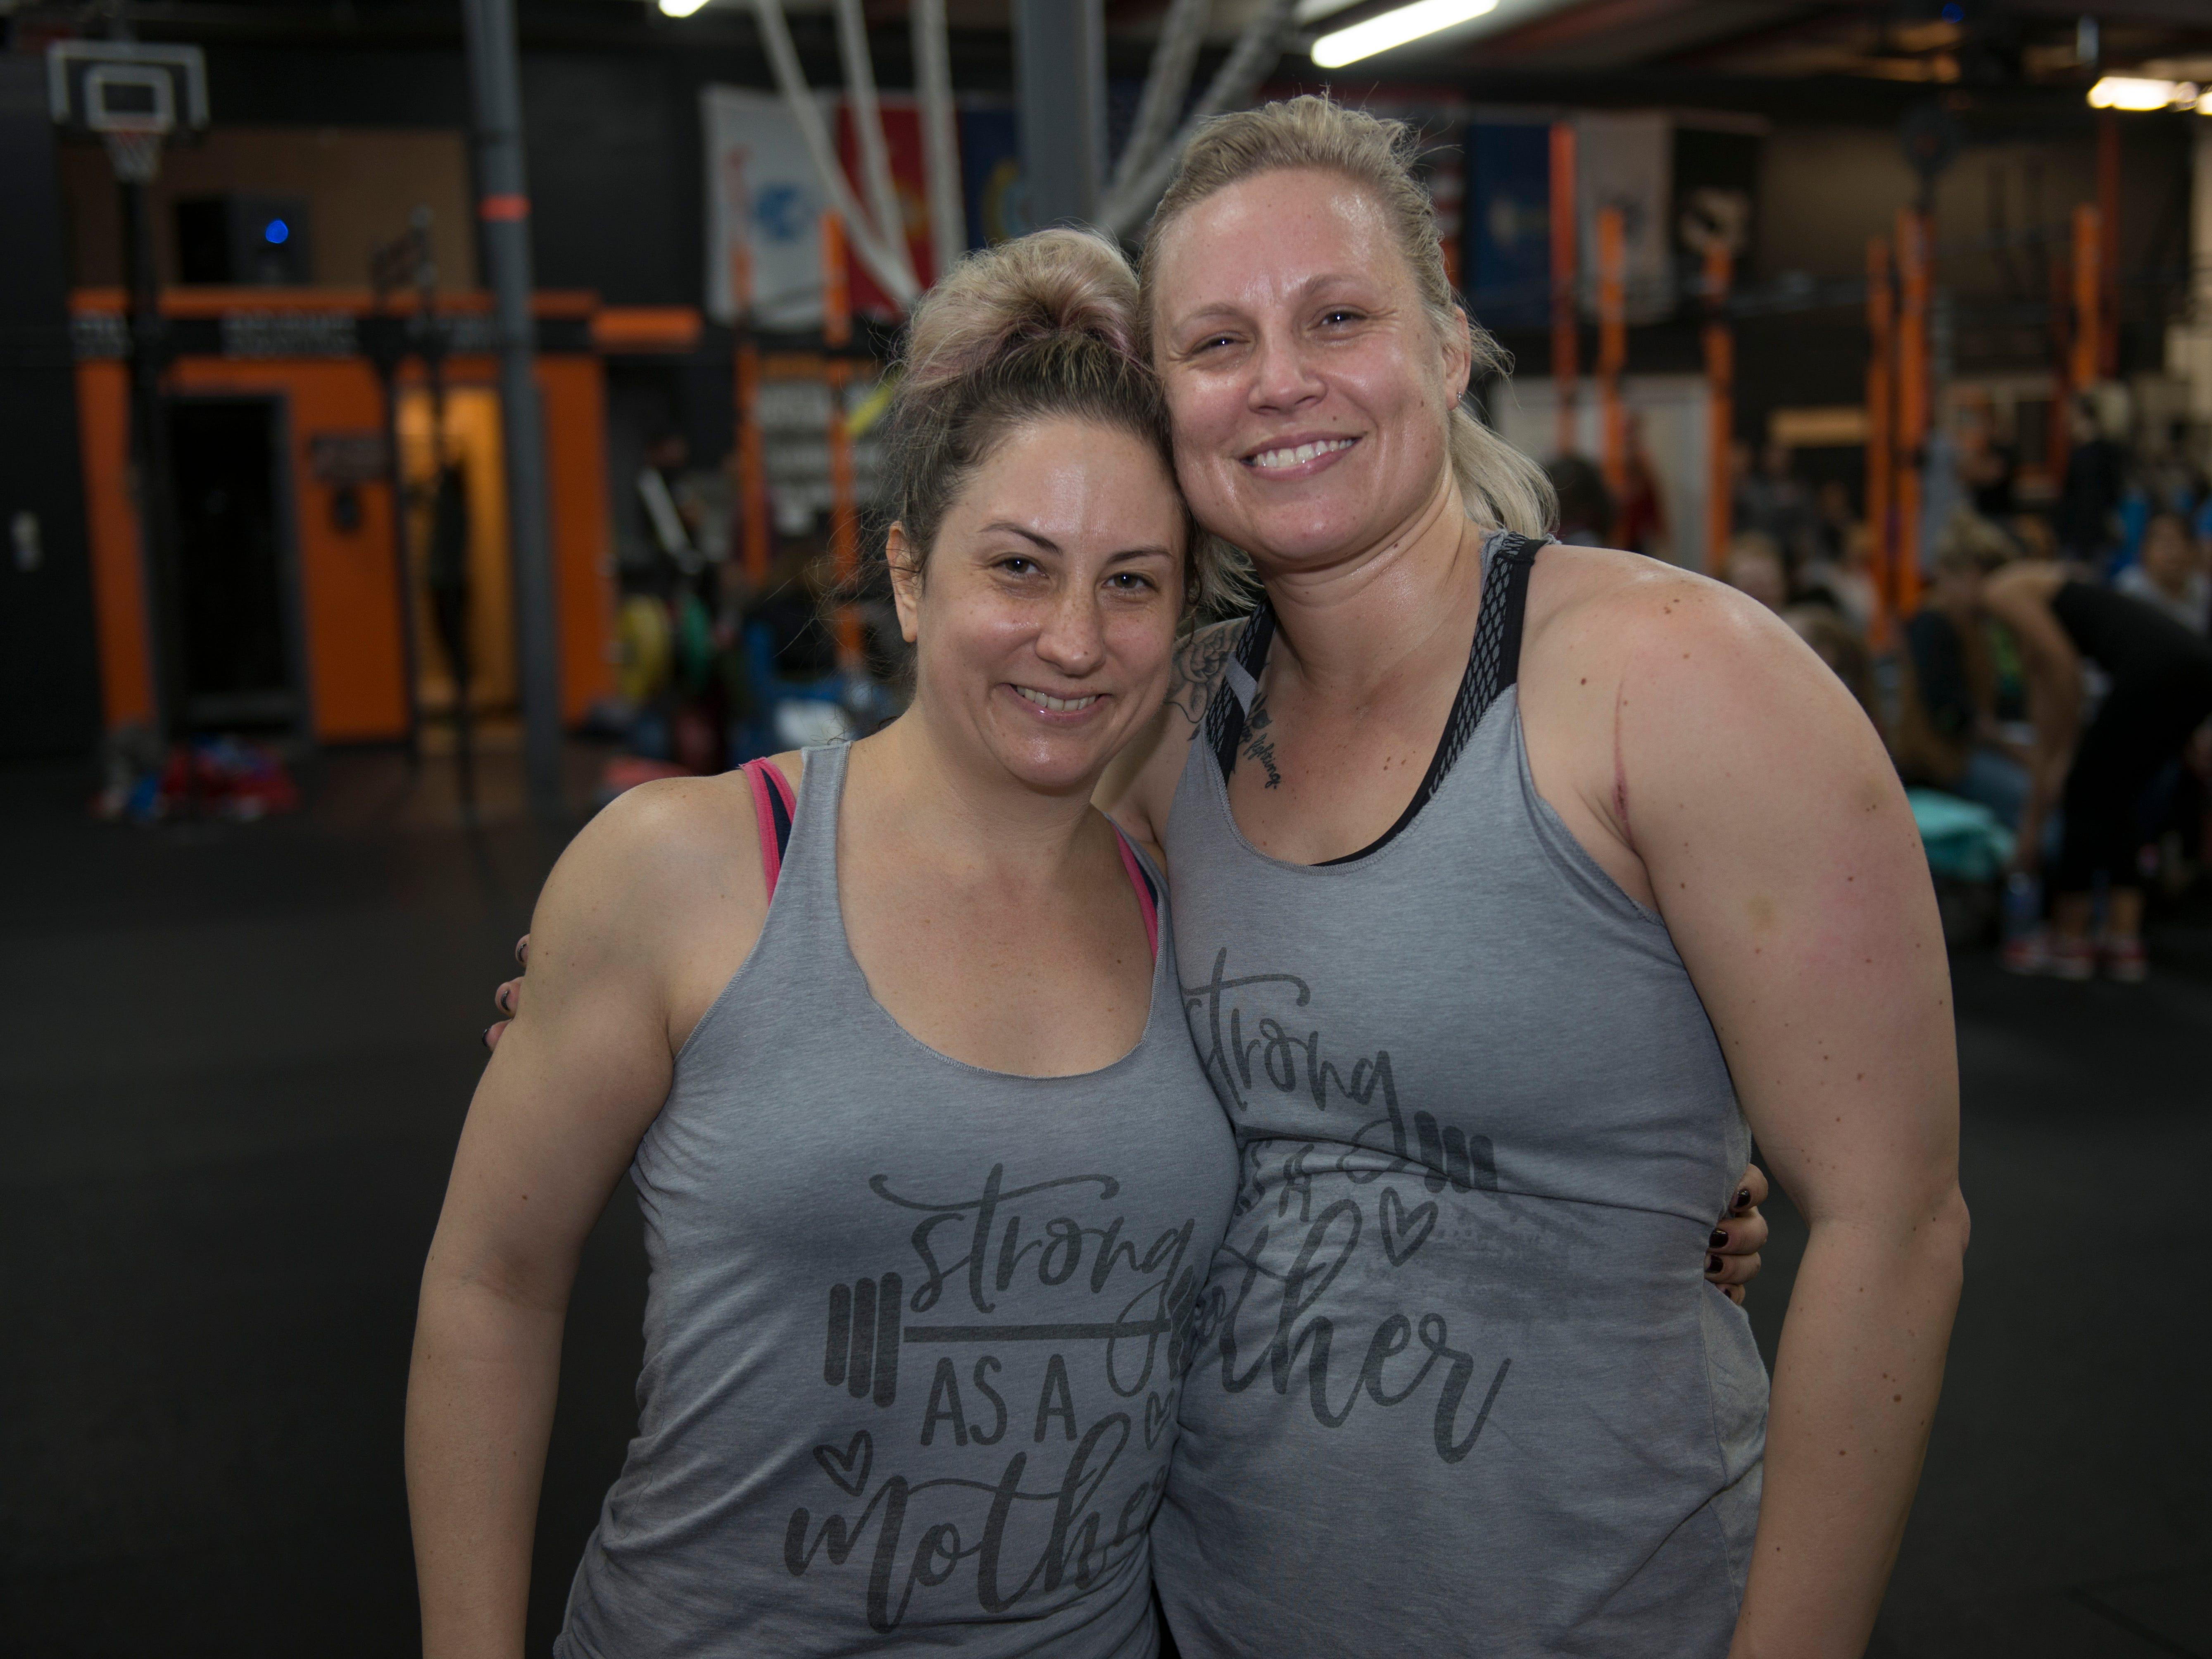 Erika Gifford and Samantha Ruzicka